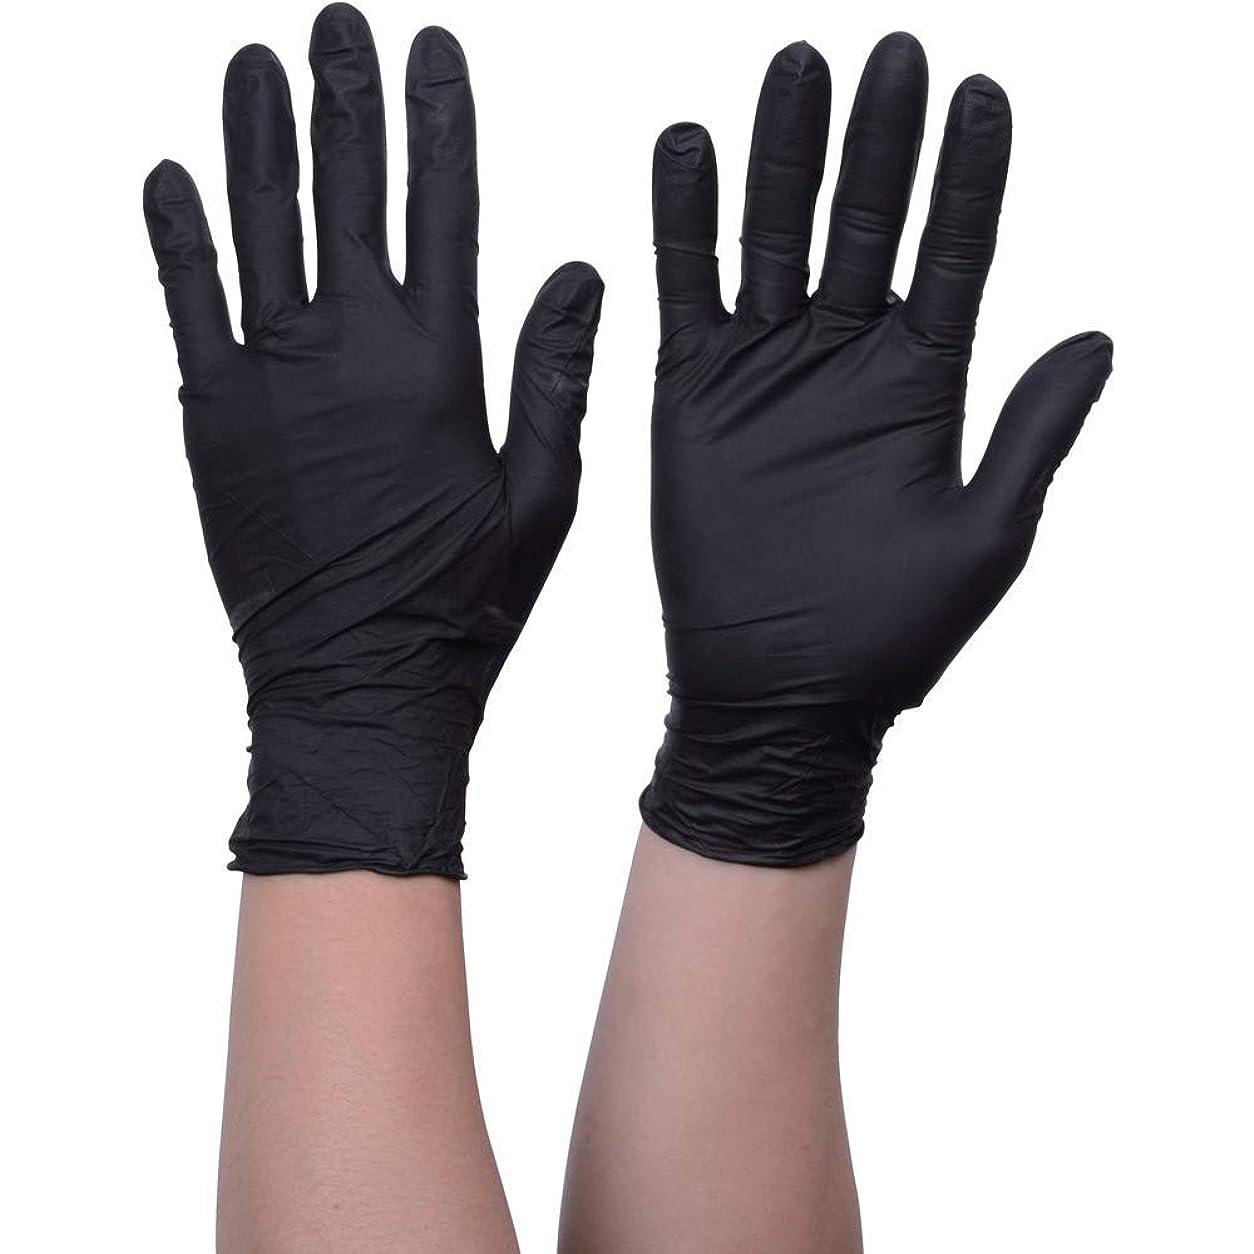 文芸イディオム静かなニトリル手袋 使い捨て手袋防水耐油耐久性が強い上に軽く高品質ブラック100枚入